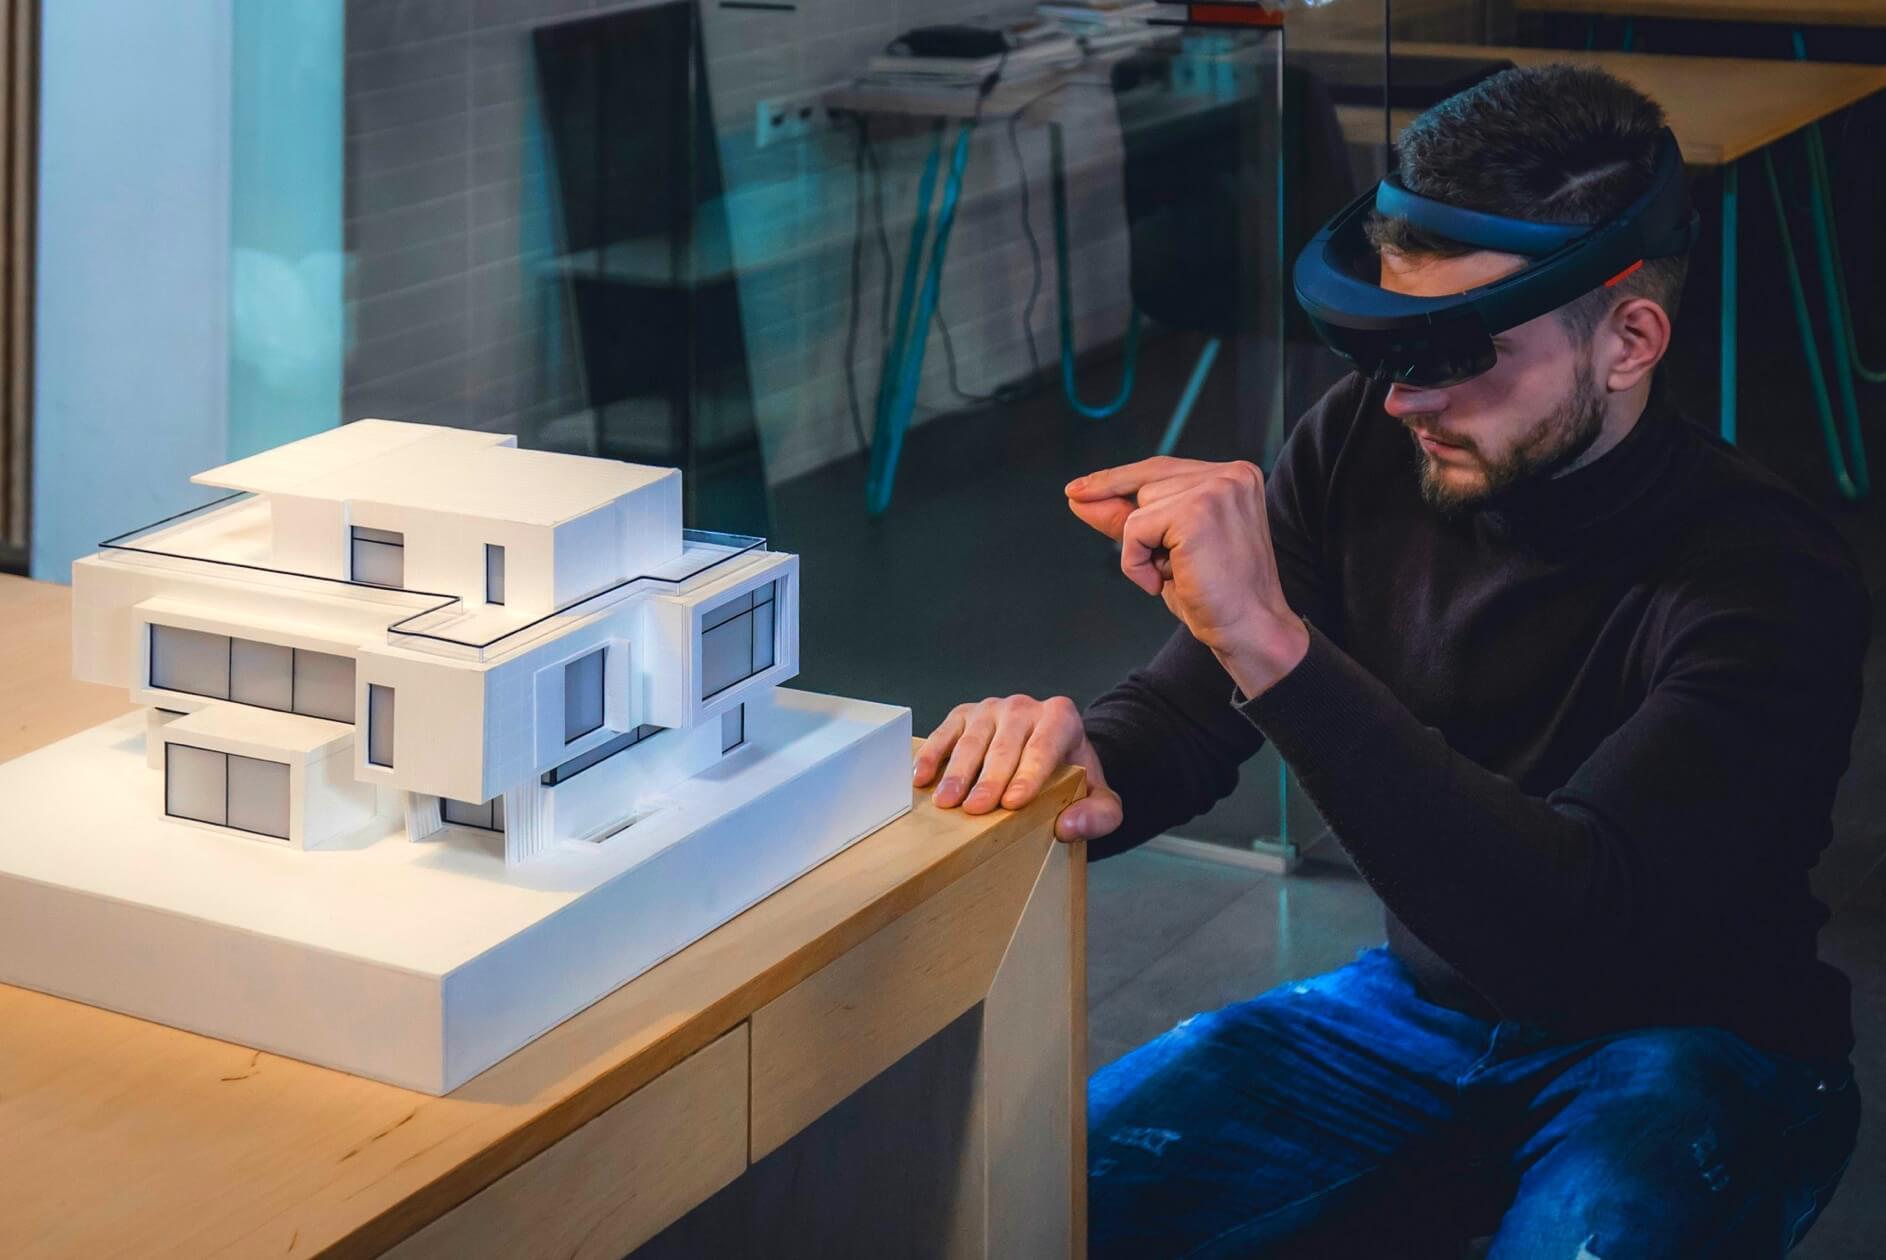 Arquitecto visualiza su diseño en 3D gracias a la Realidad Aumentada